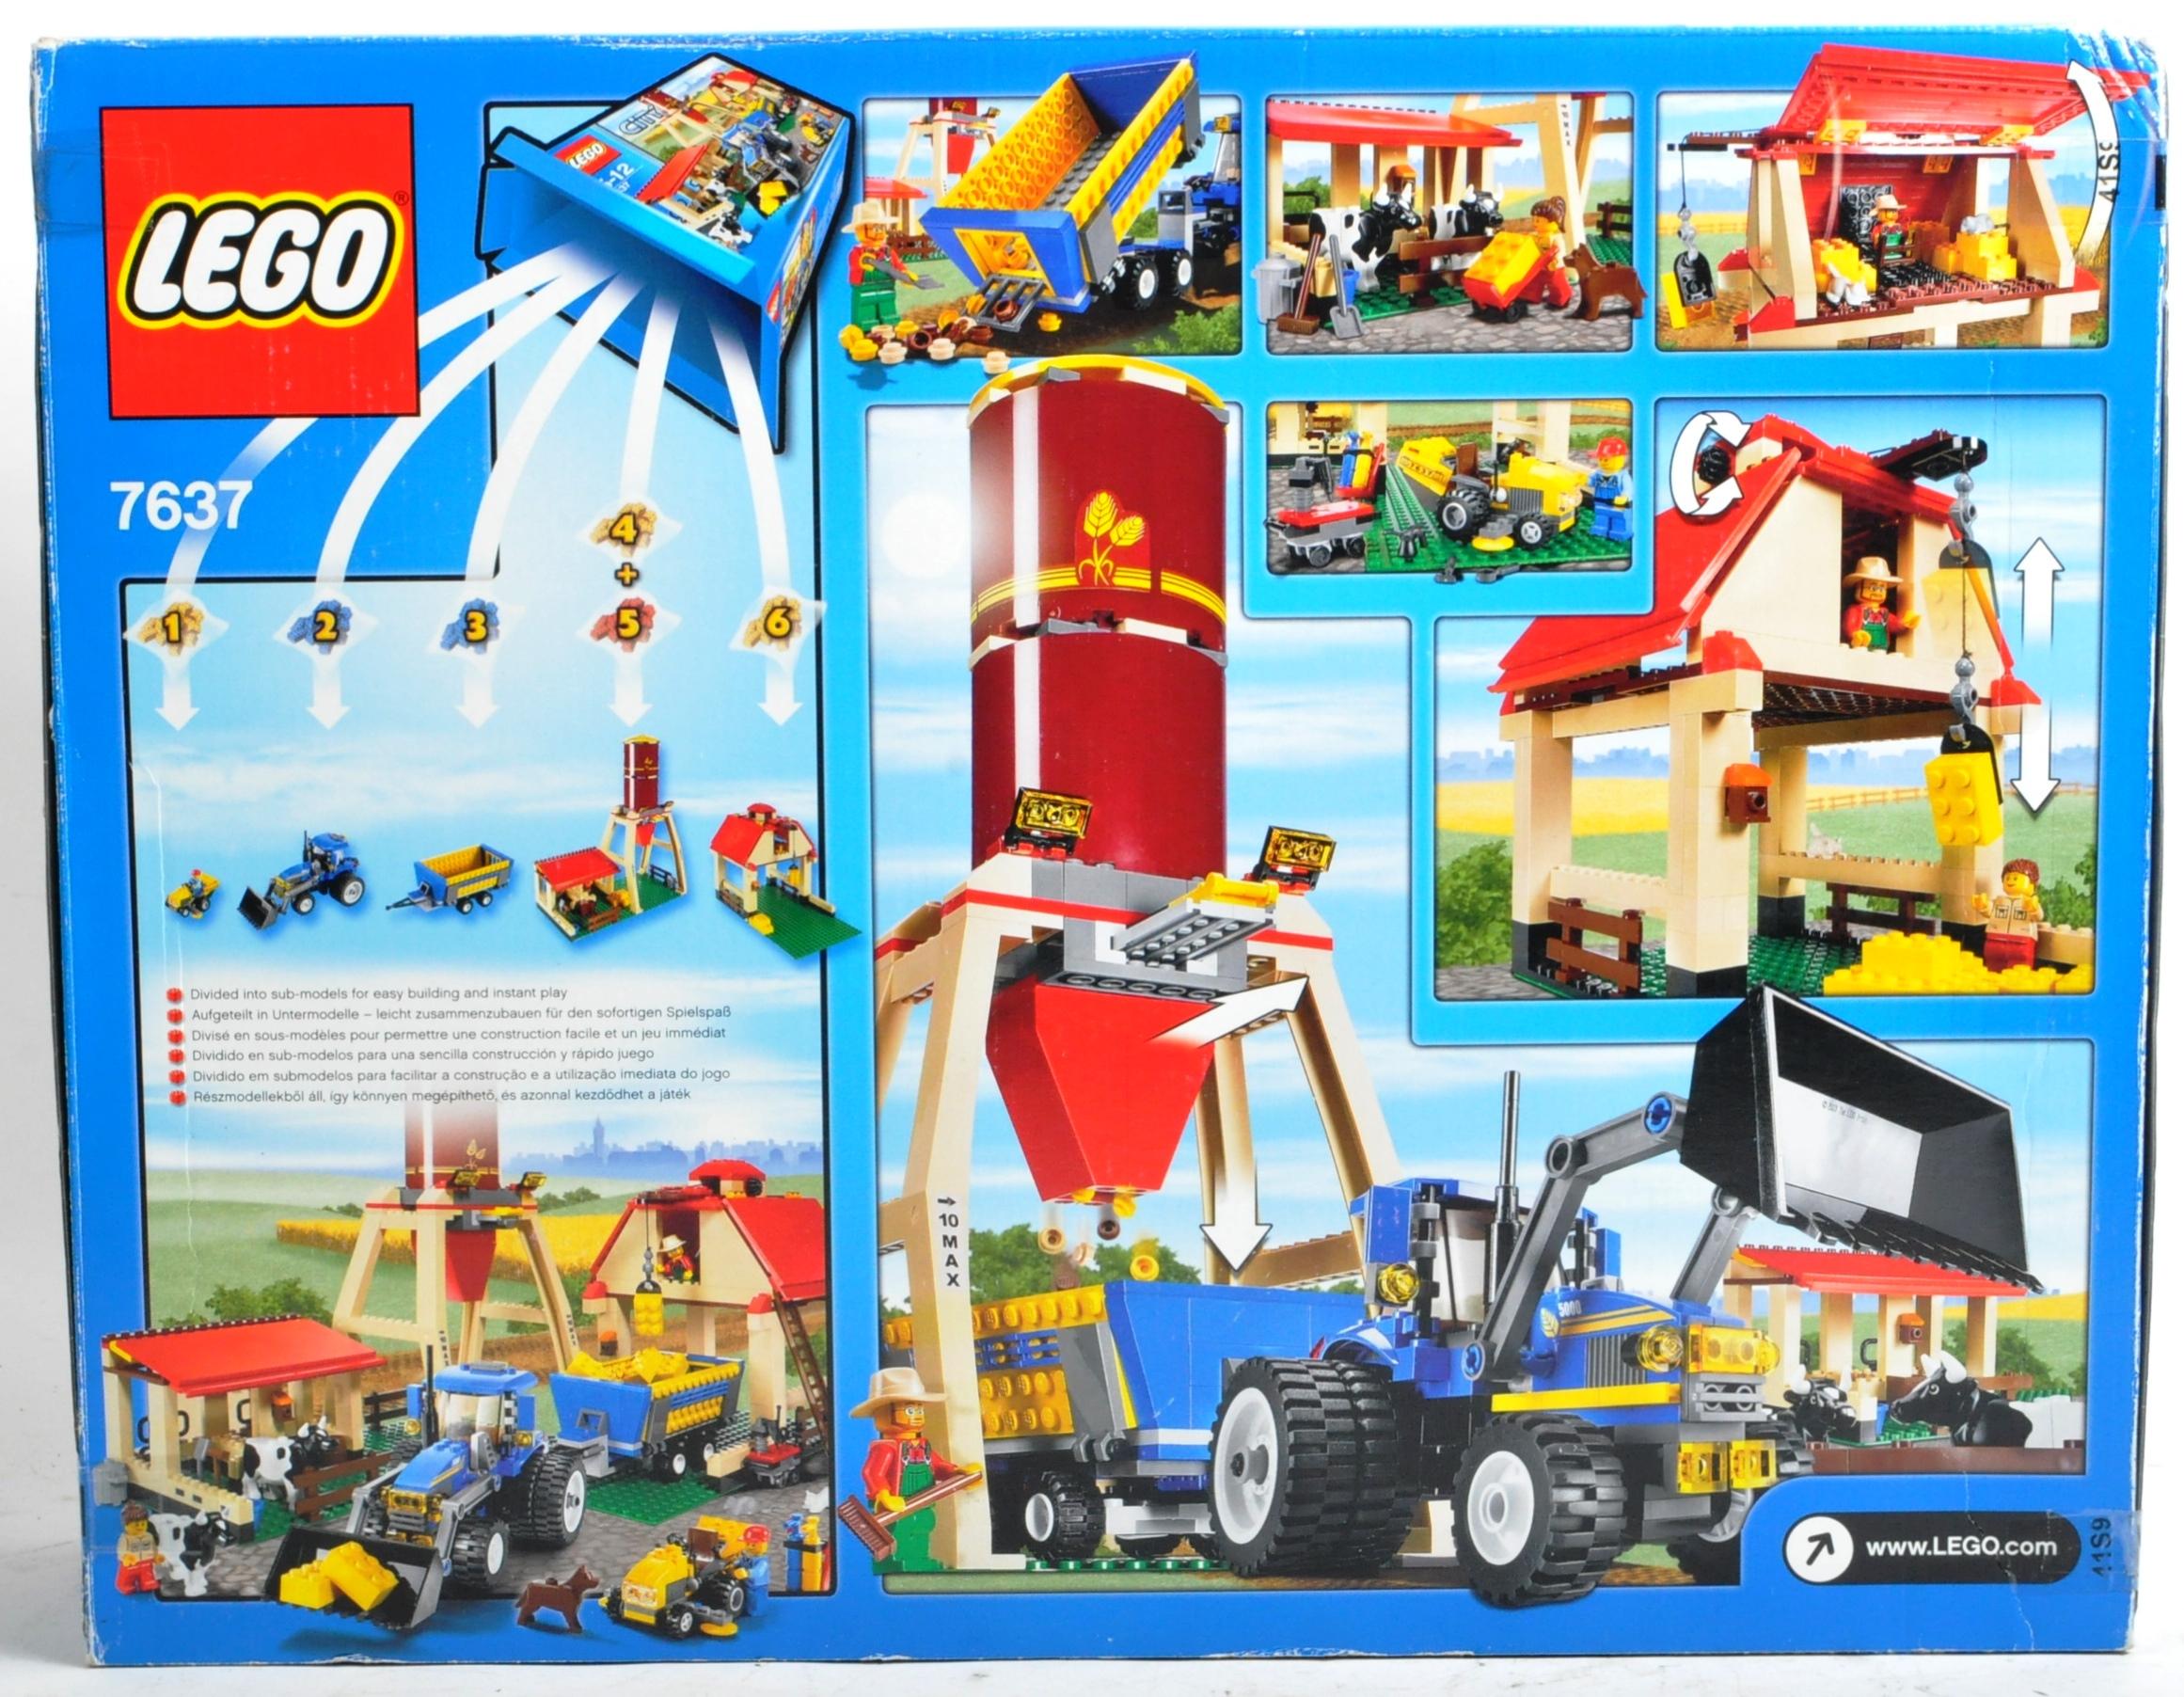 LEGO SET - LEGO CITY - 7637 - LEGO FARM - Image 2 of 4